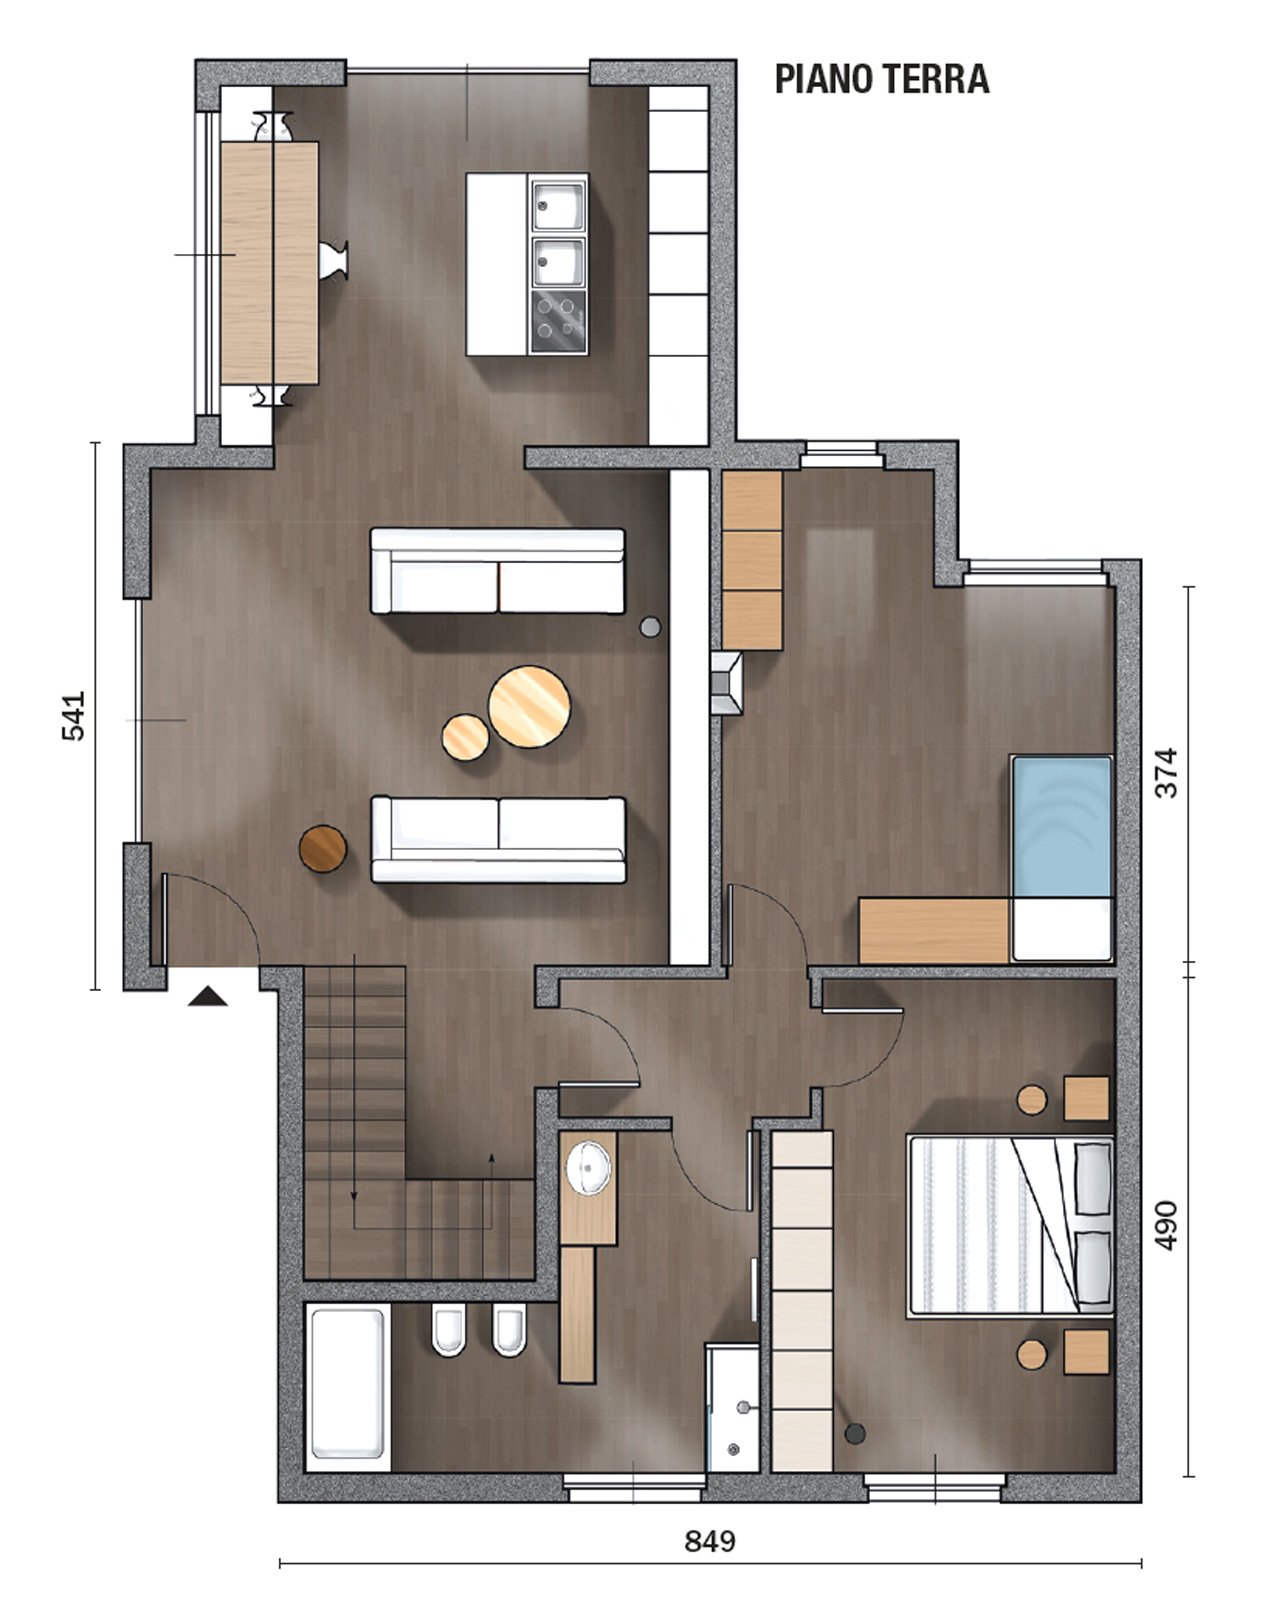 145 mq terra tetto ampi volumi a doppia altezza come in for Piccoli piani di un piano